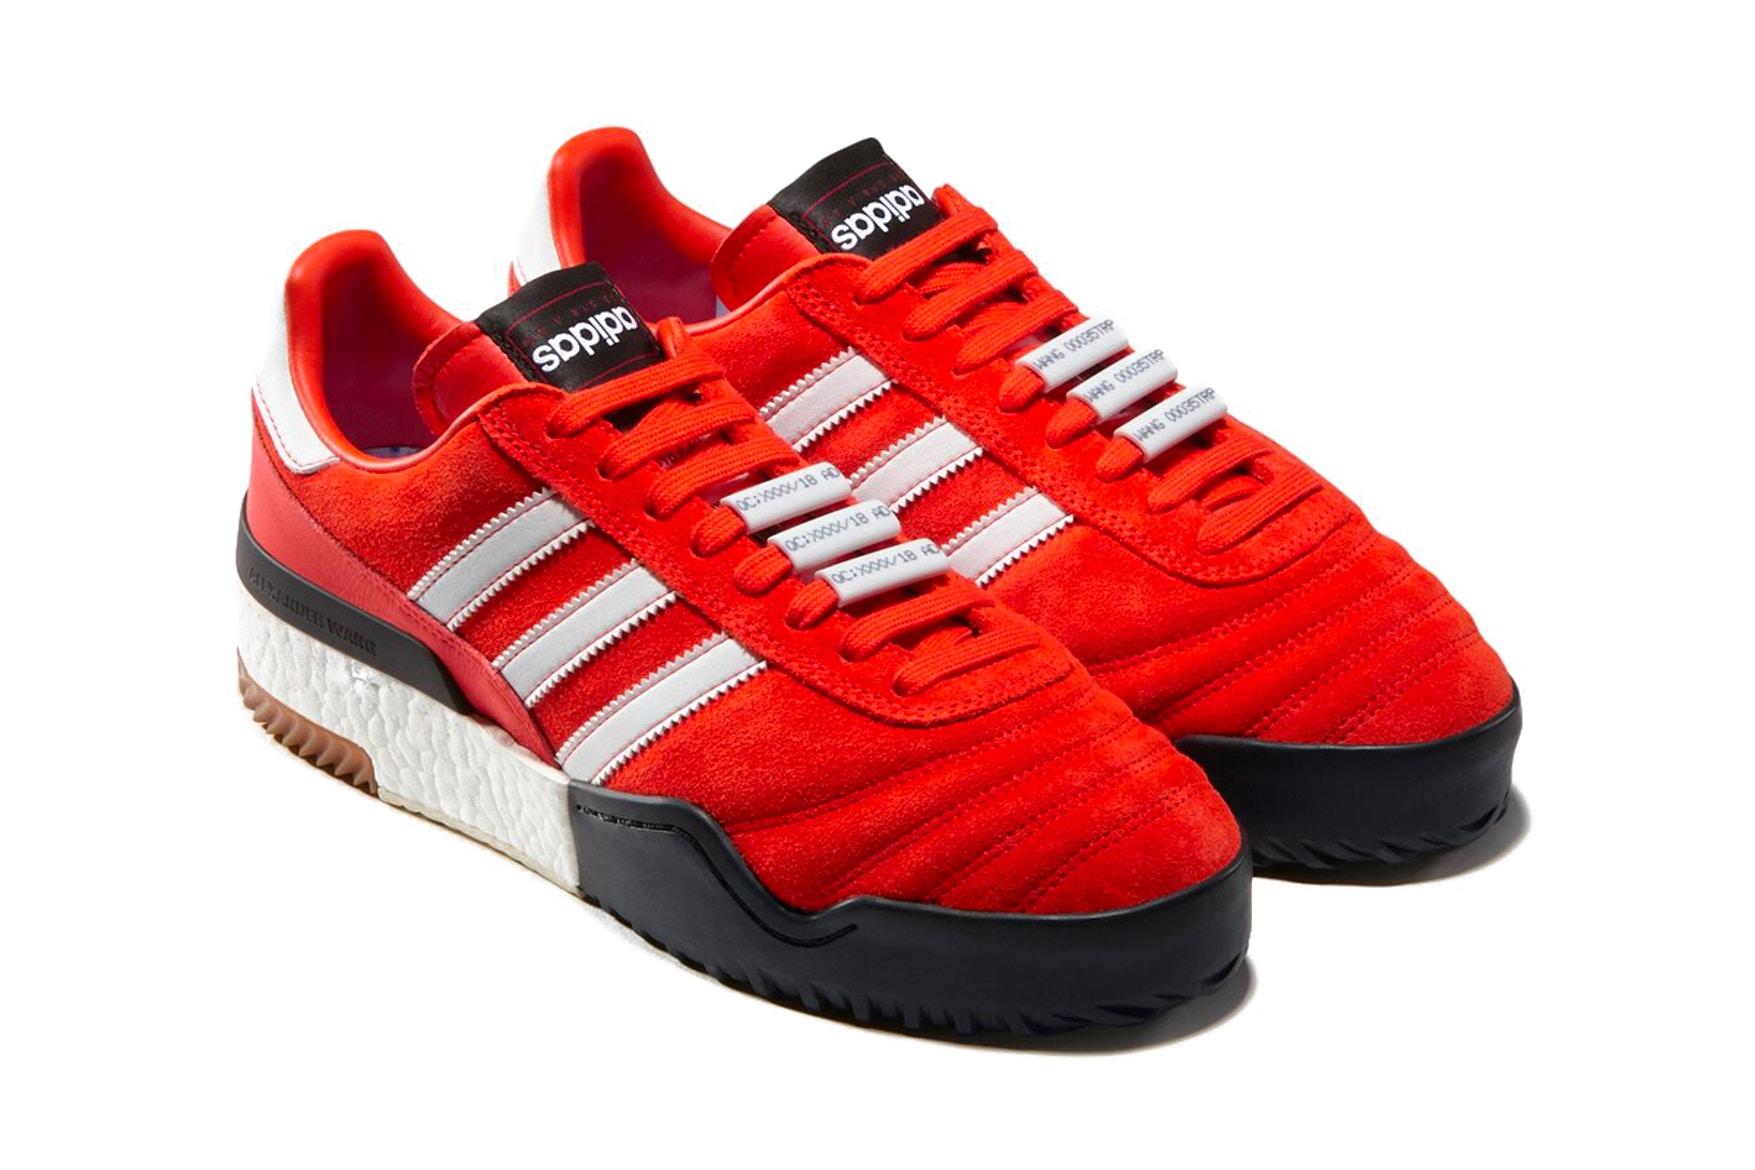 reputable site 1a3b9 ce346 alexander-wang-adidas-originals-bball-soccer-release-date-004.jpg